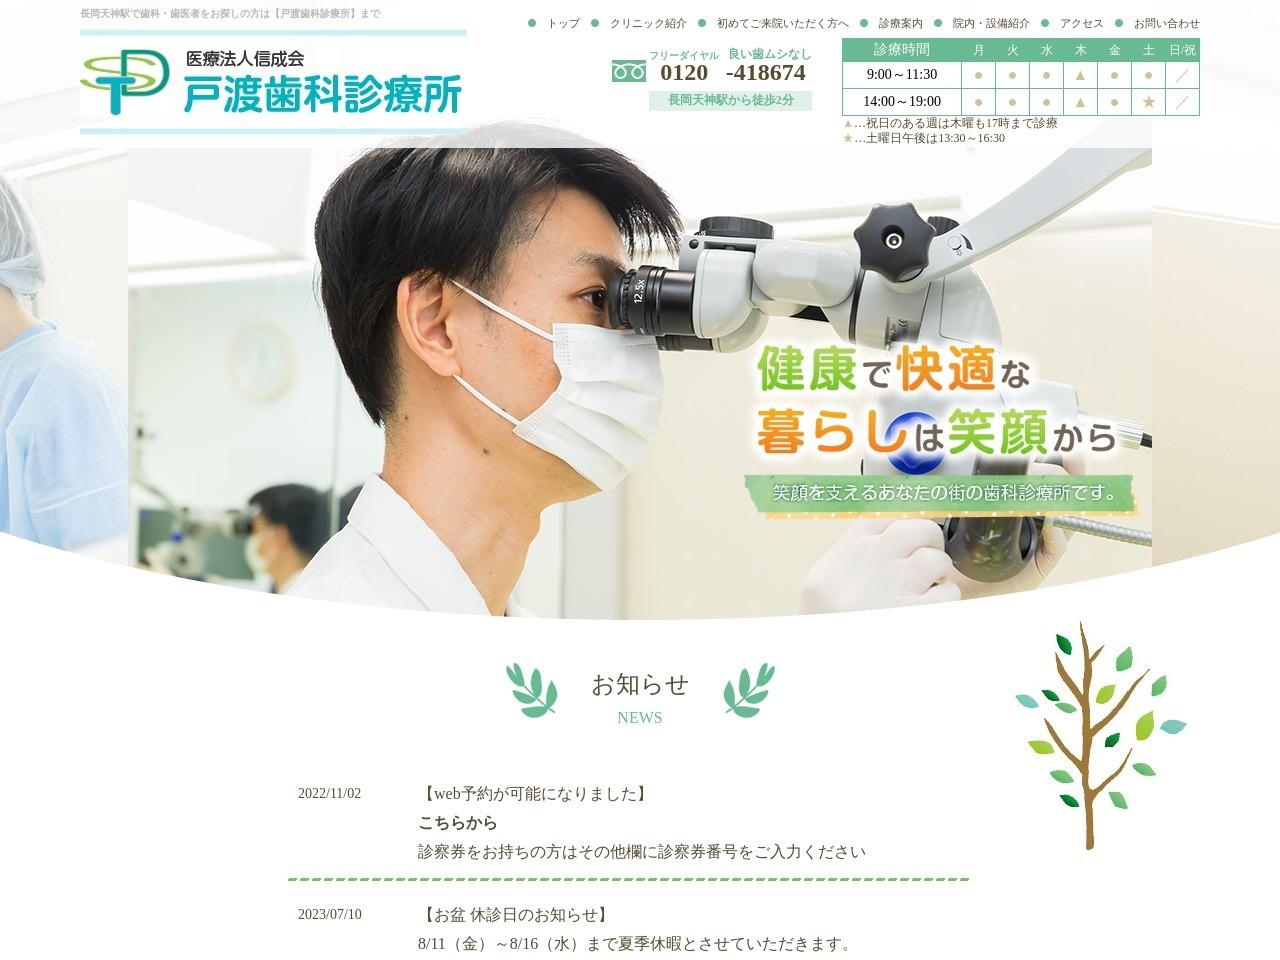 医療法人信成会  戸渡歯科診療所 (京都府長岡京市)